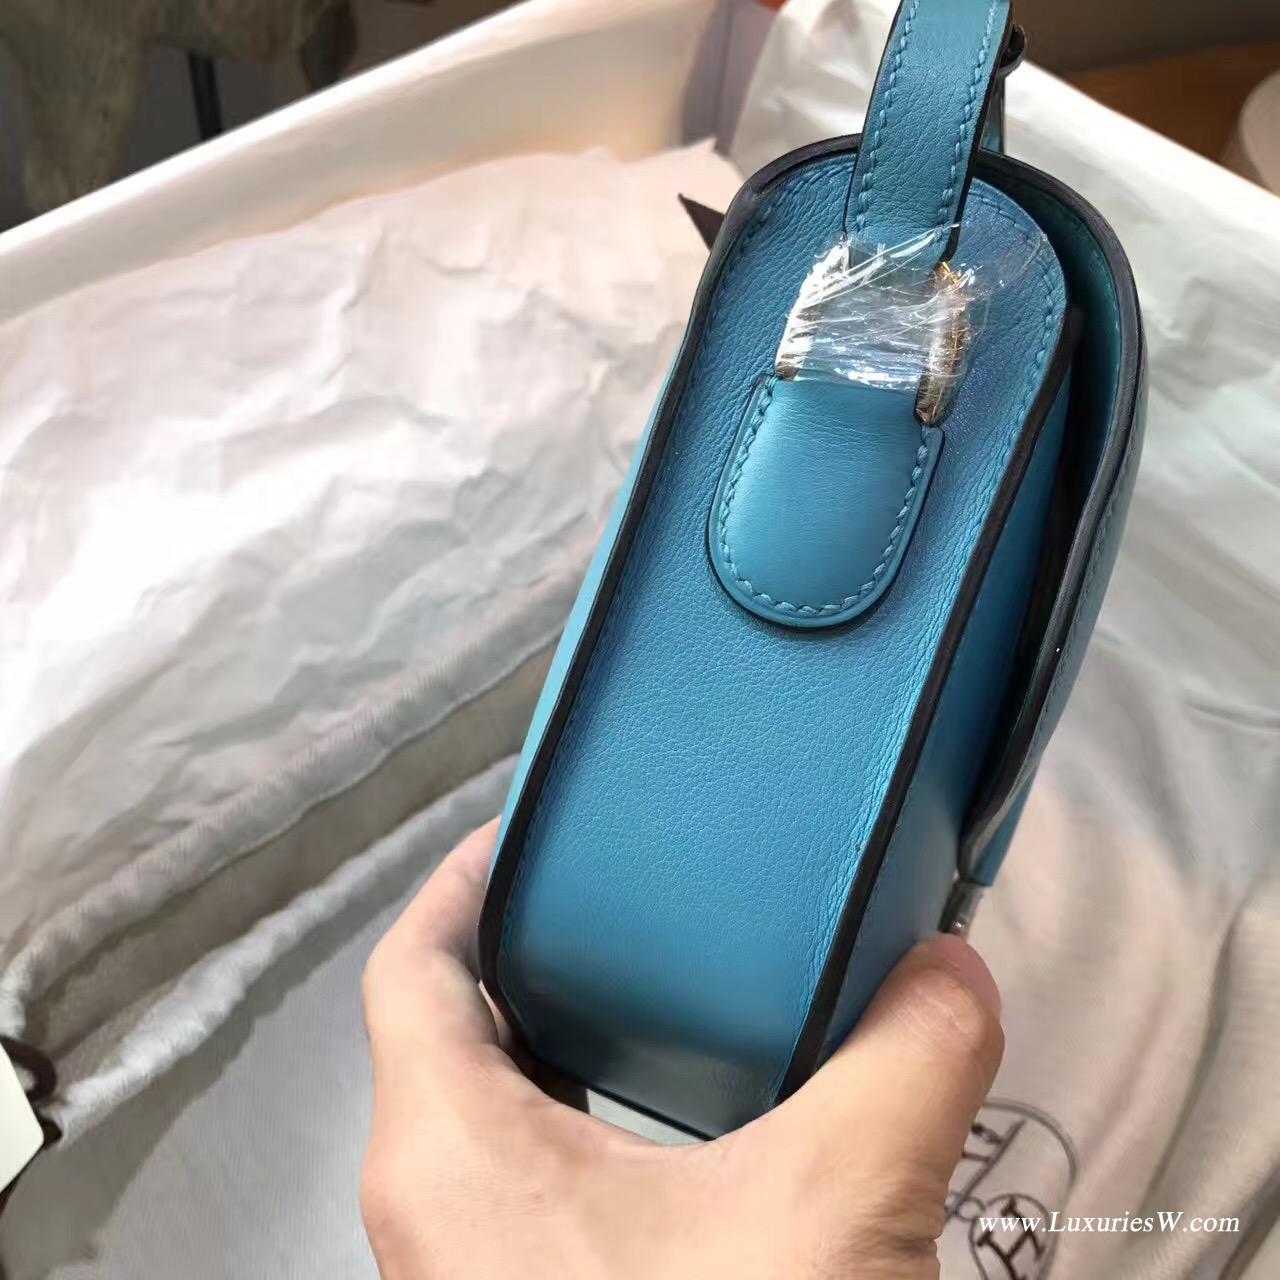 愛馬仕Midi鎖扣單肩包Cherche 25小牛皮 Blue Lzmir伊茲密爾藍